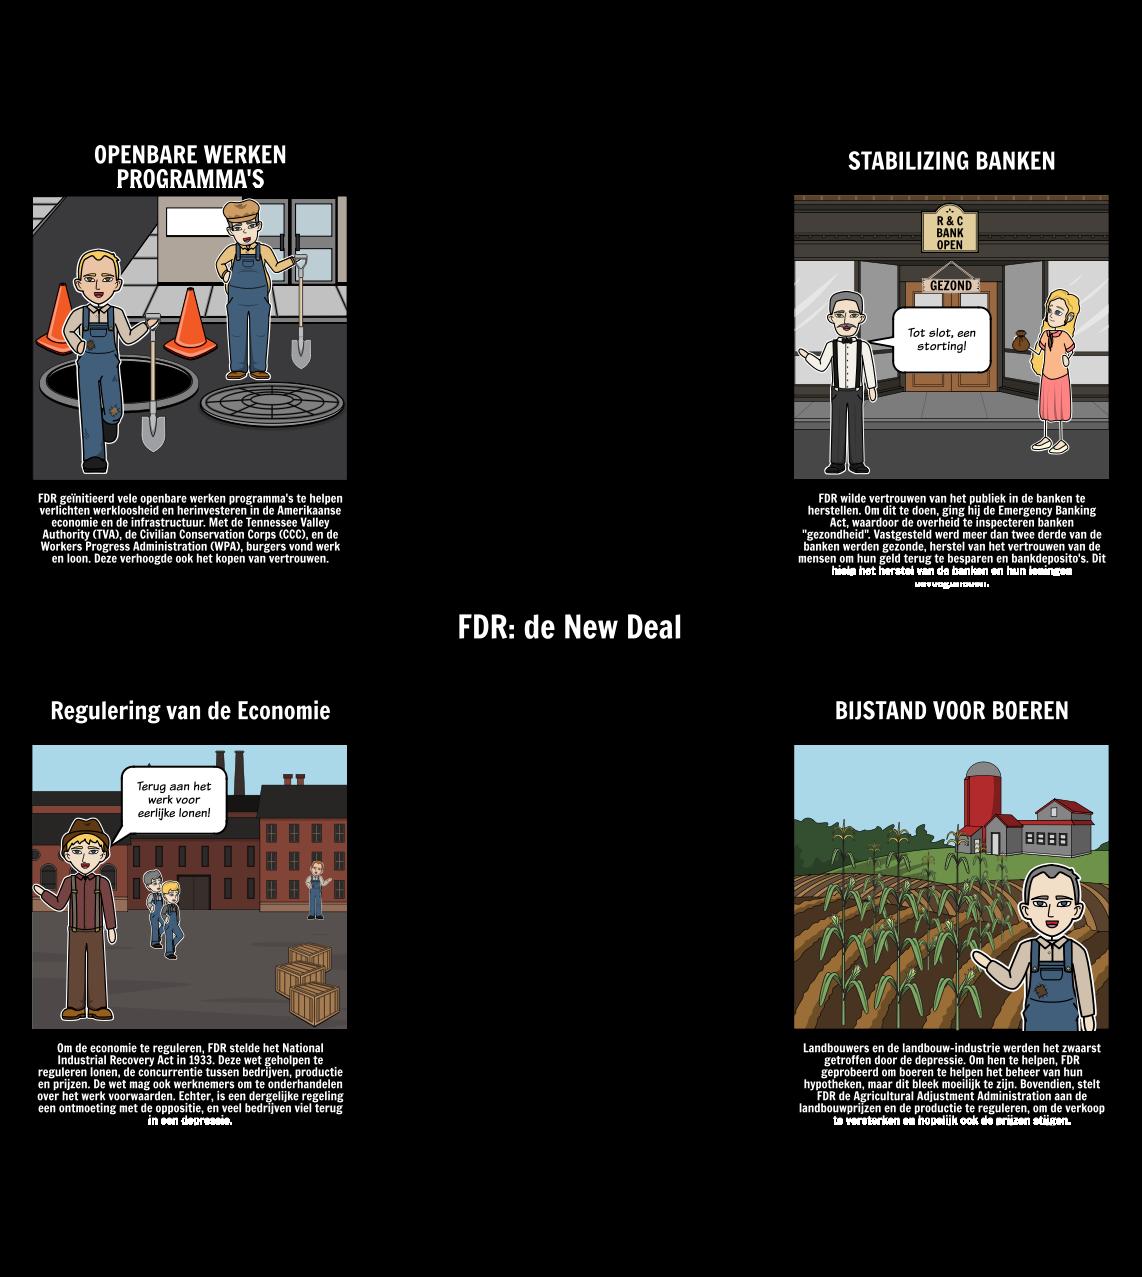 De Grote Depressie & New Deal FDR